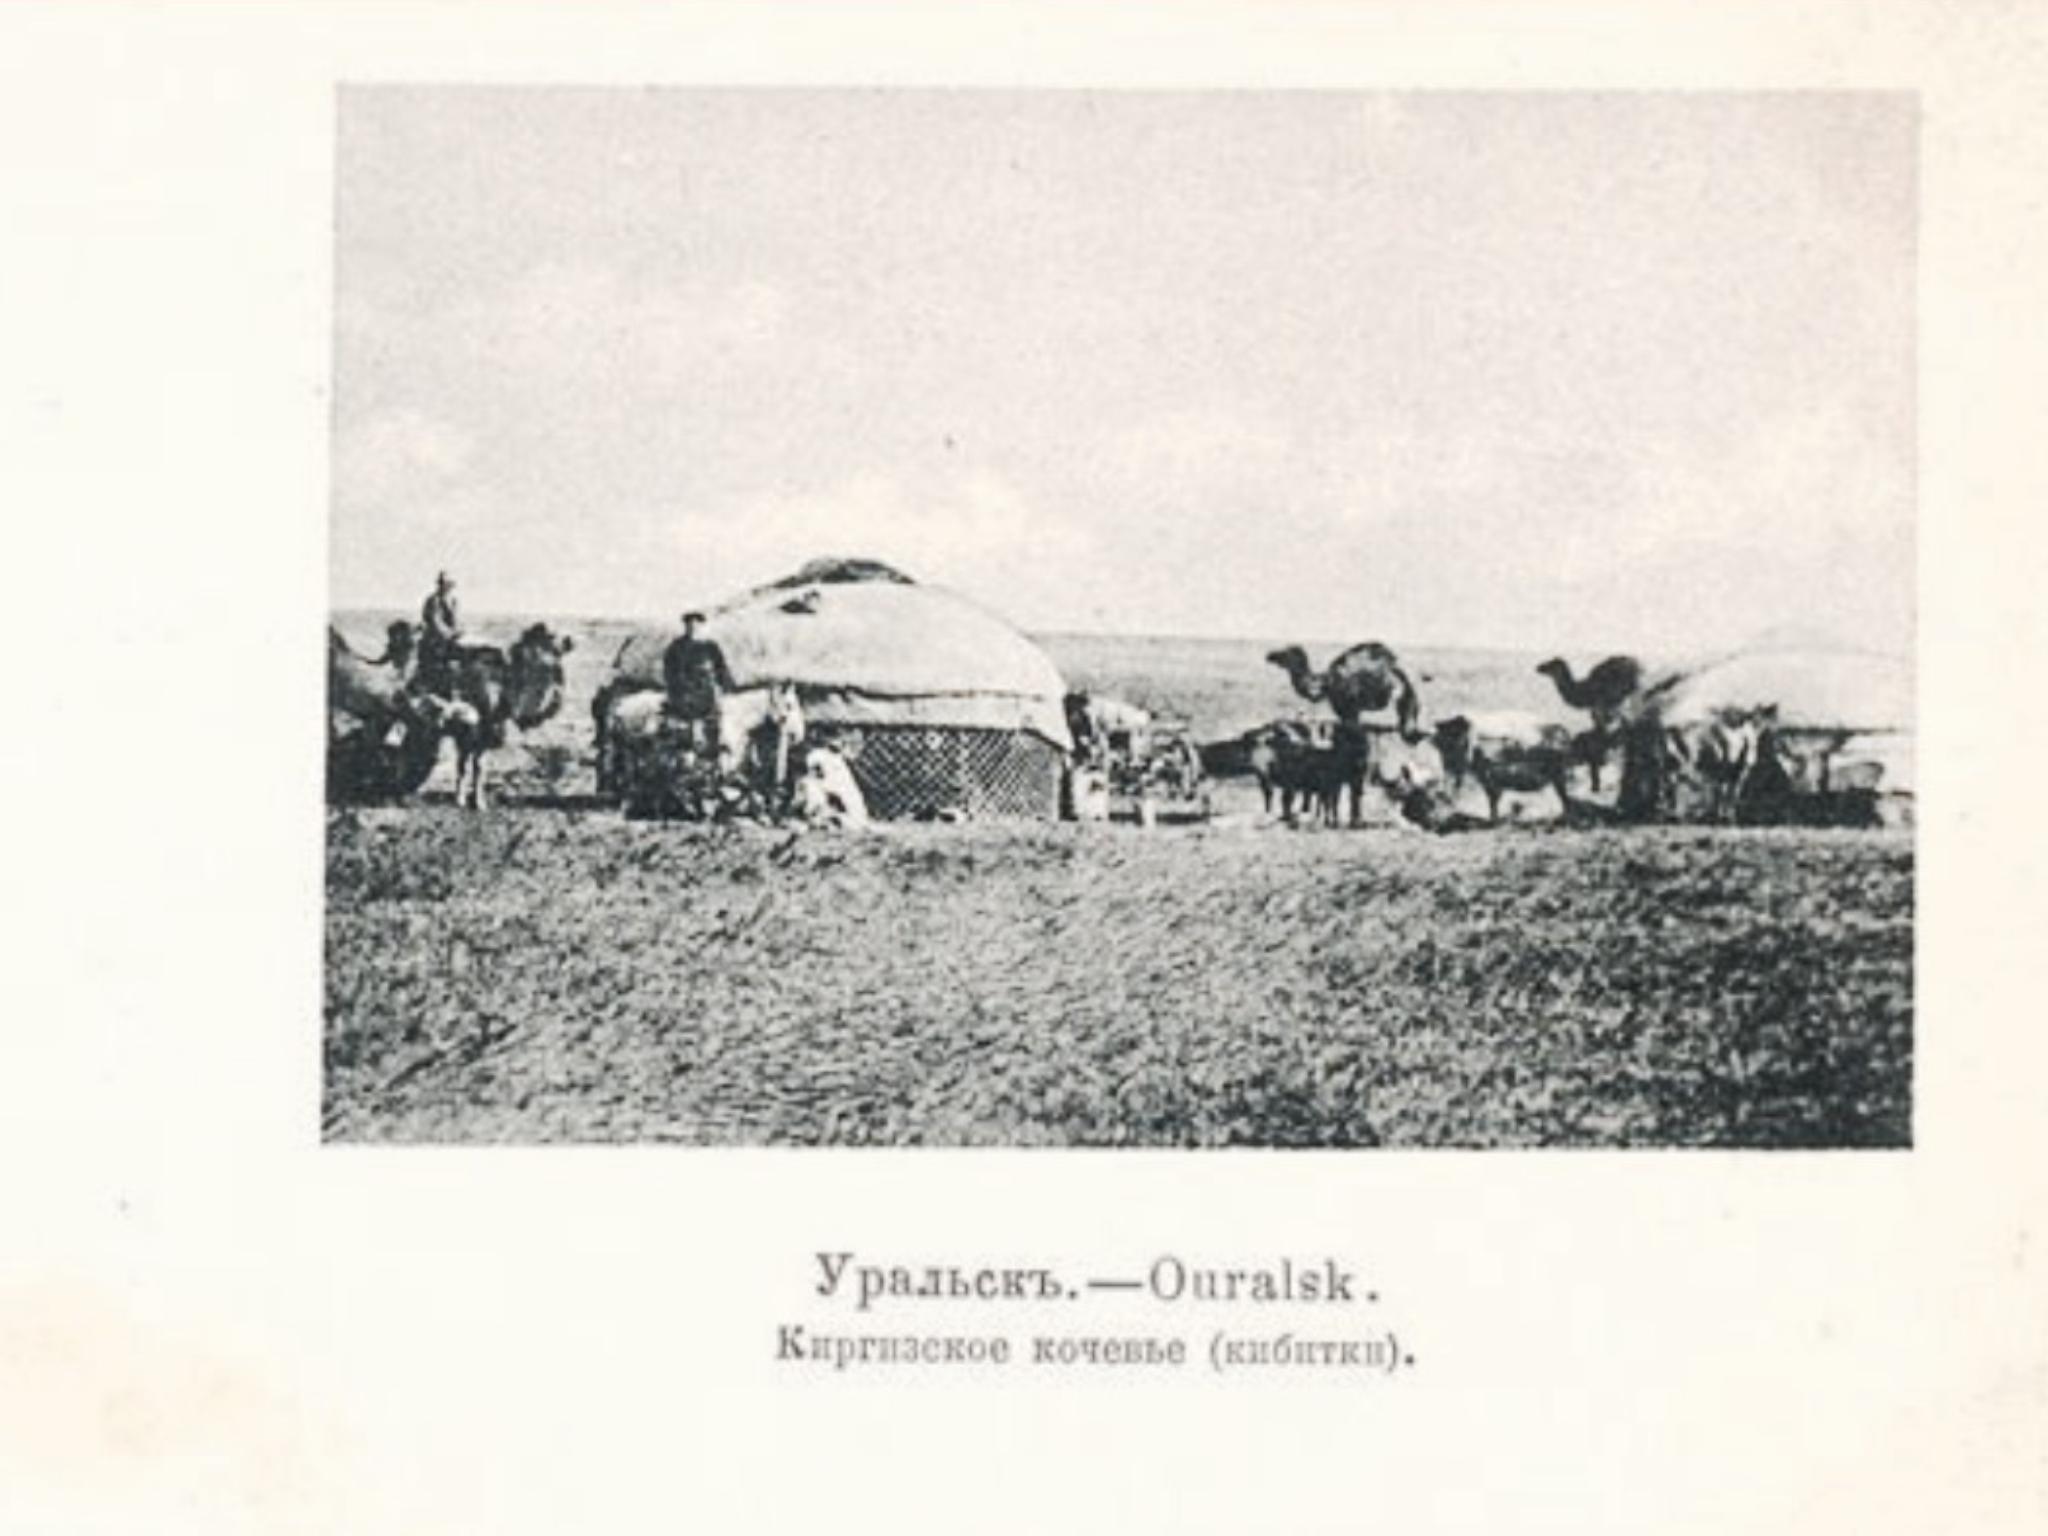 Киргизское кочевье